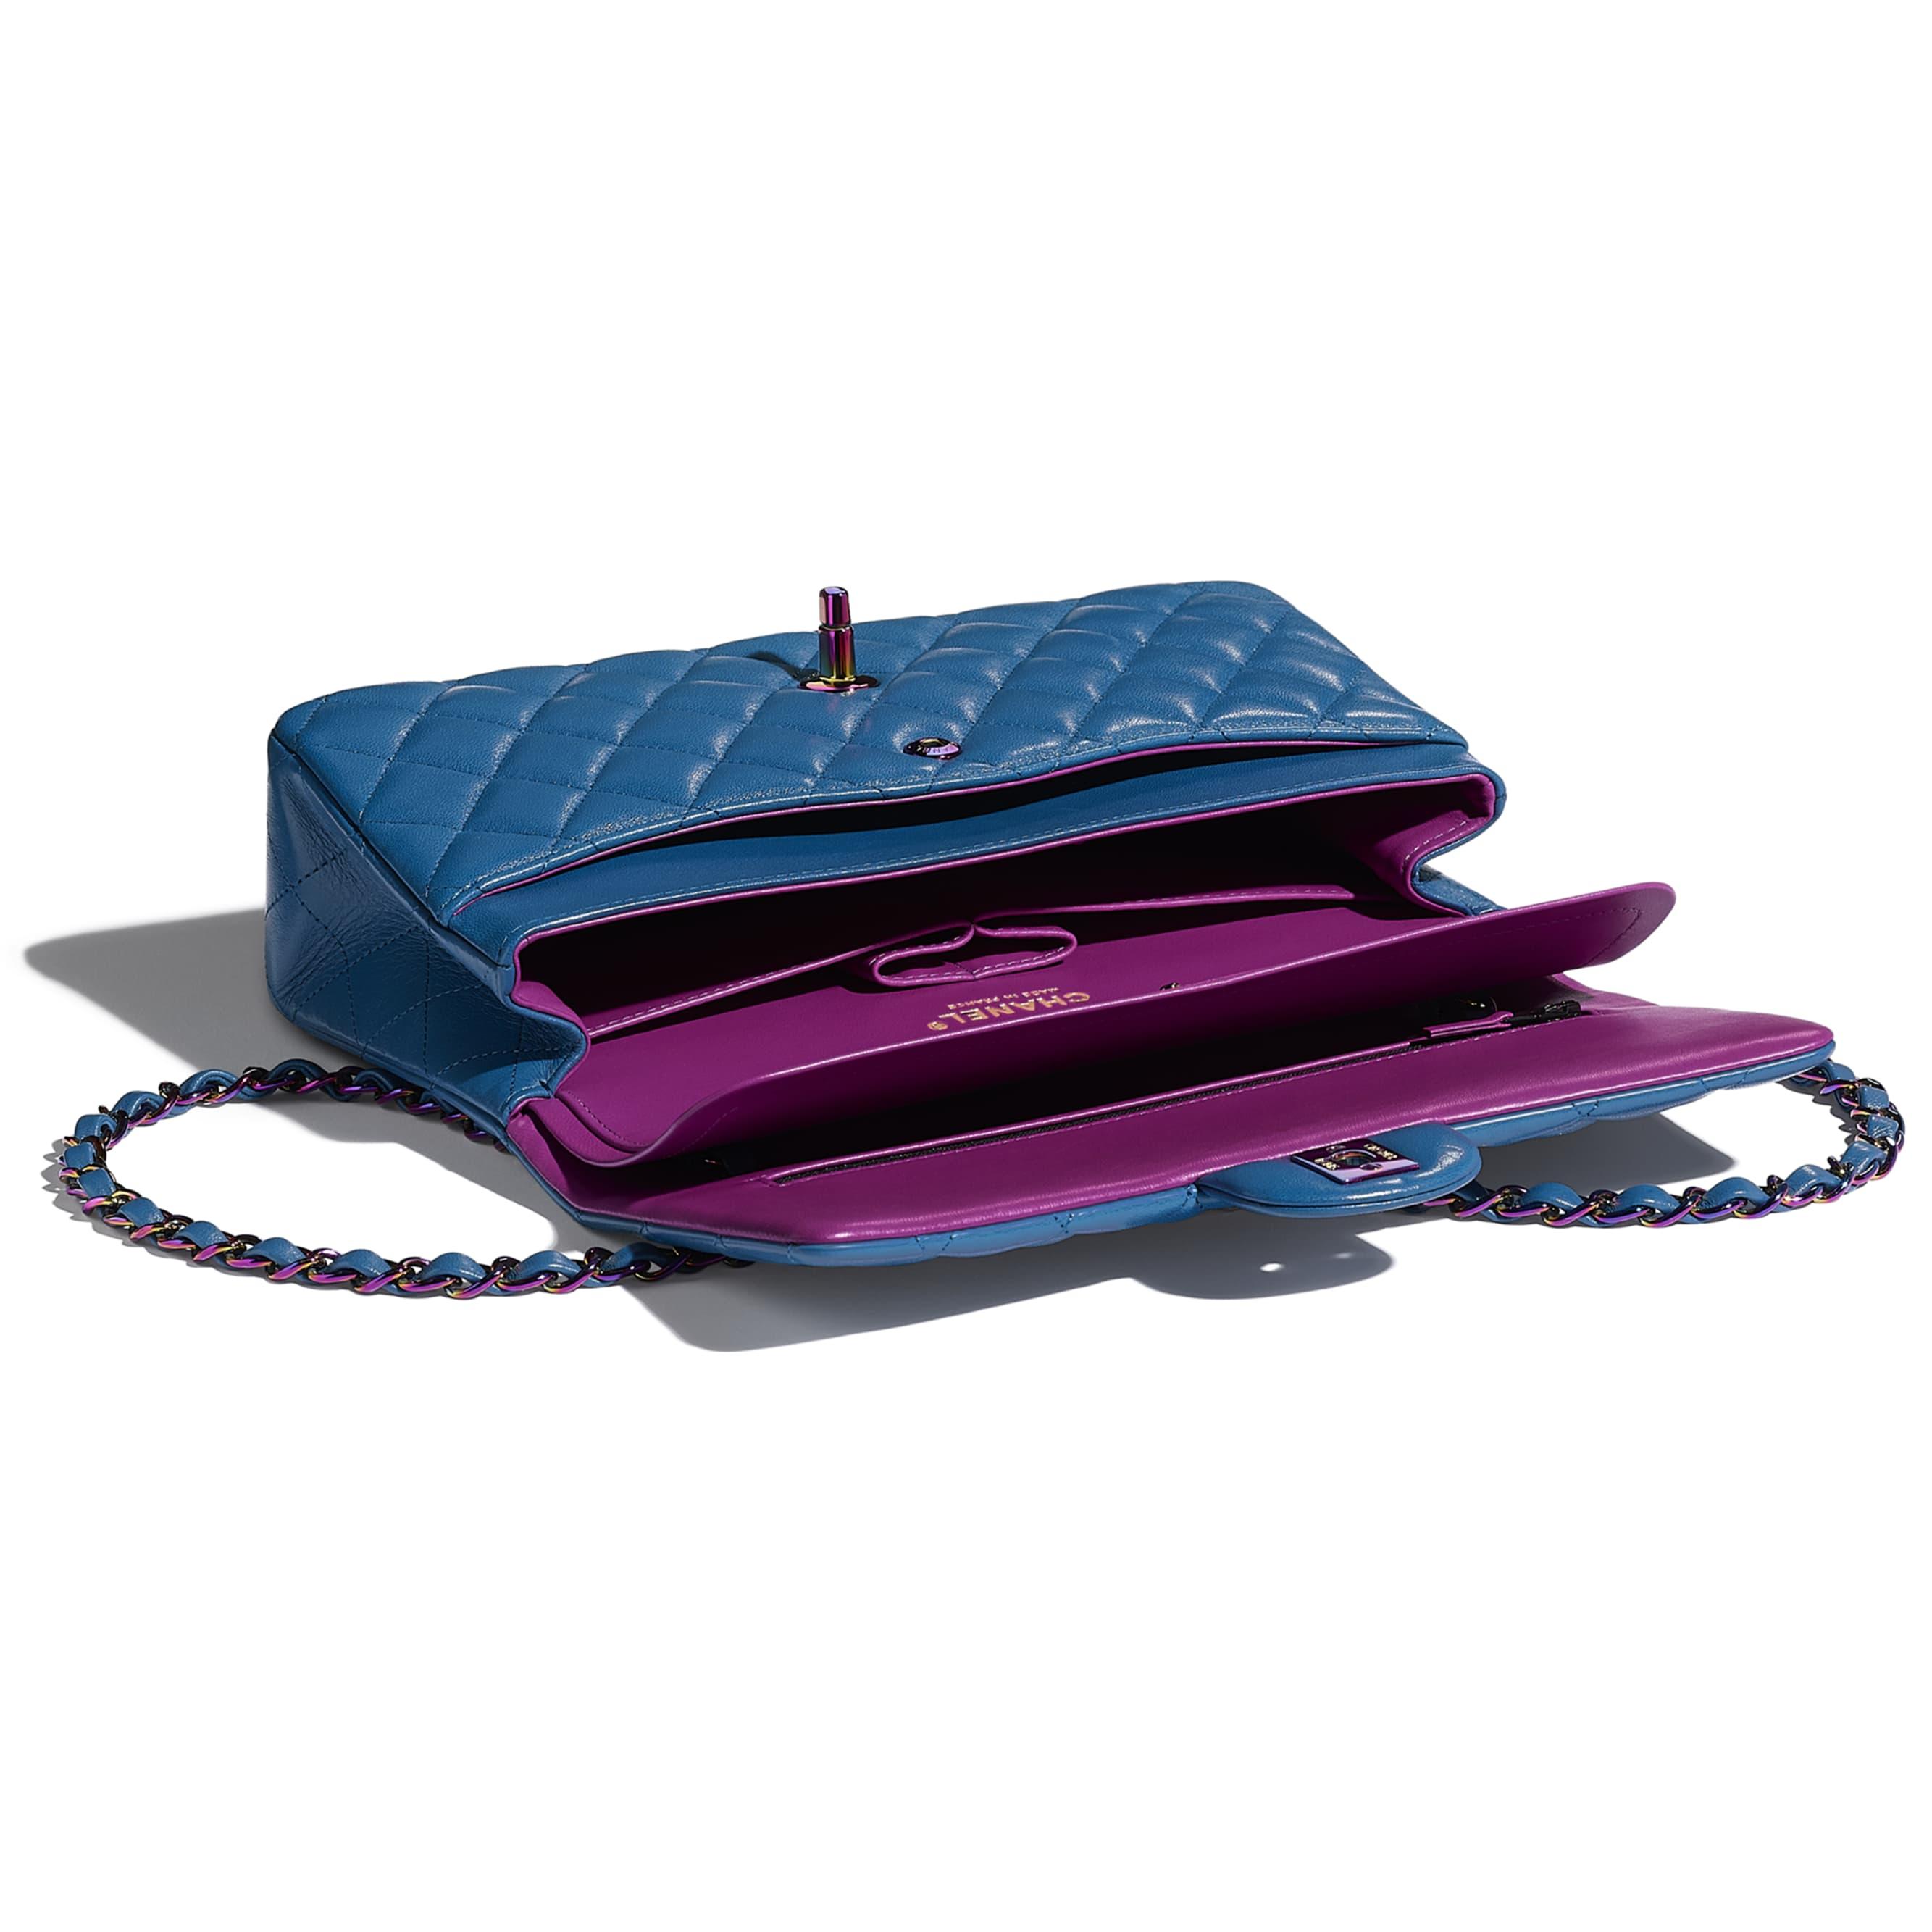 กระเป๋าสะพายคลาสสิก - สีฟ้า - หนังแกะและโลหะสีรุ้ง - CHANEL - มุมมองอื่น - ดูเวอร์ชันขนาดมาตรฐาน